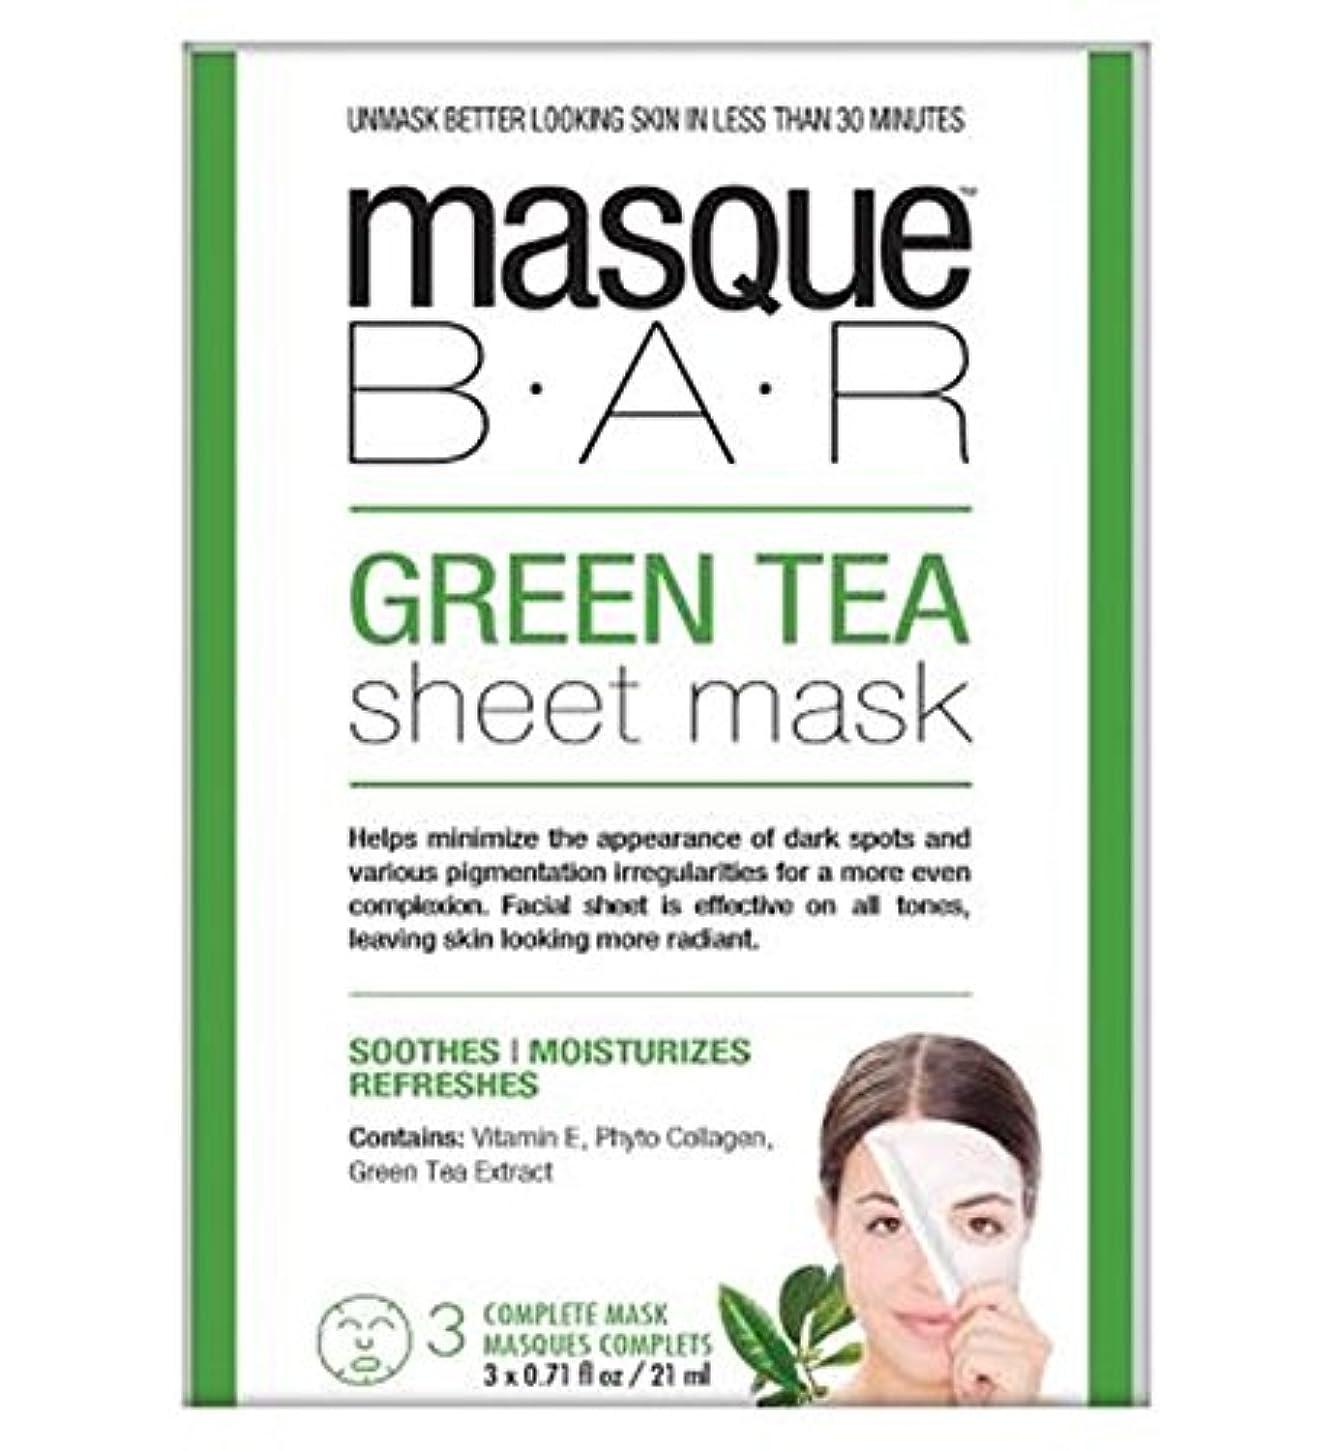 ミット幻影資本Masque Bar Green Tea Sheet Mask - 3 complete masks - 仮面劇バー緑茶シートマスク - 3完全なマスク (P6B Masque Bar Bt) [並行輸入品]